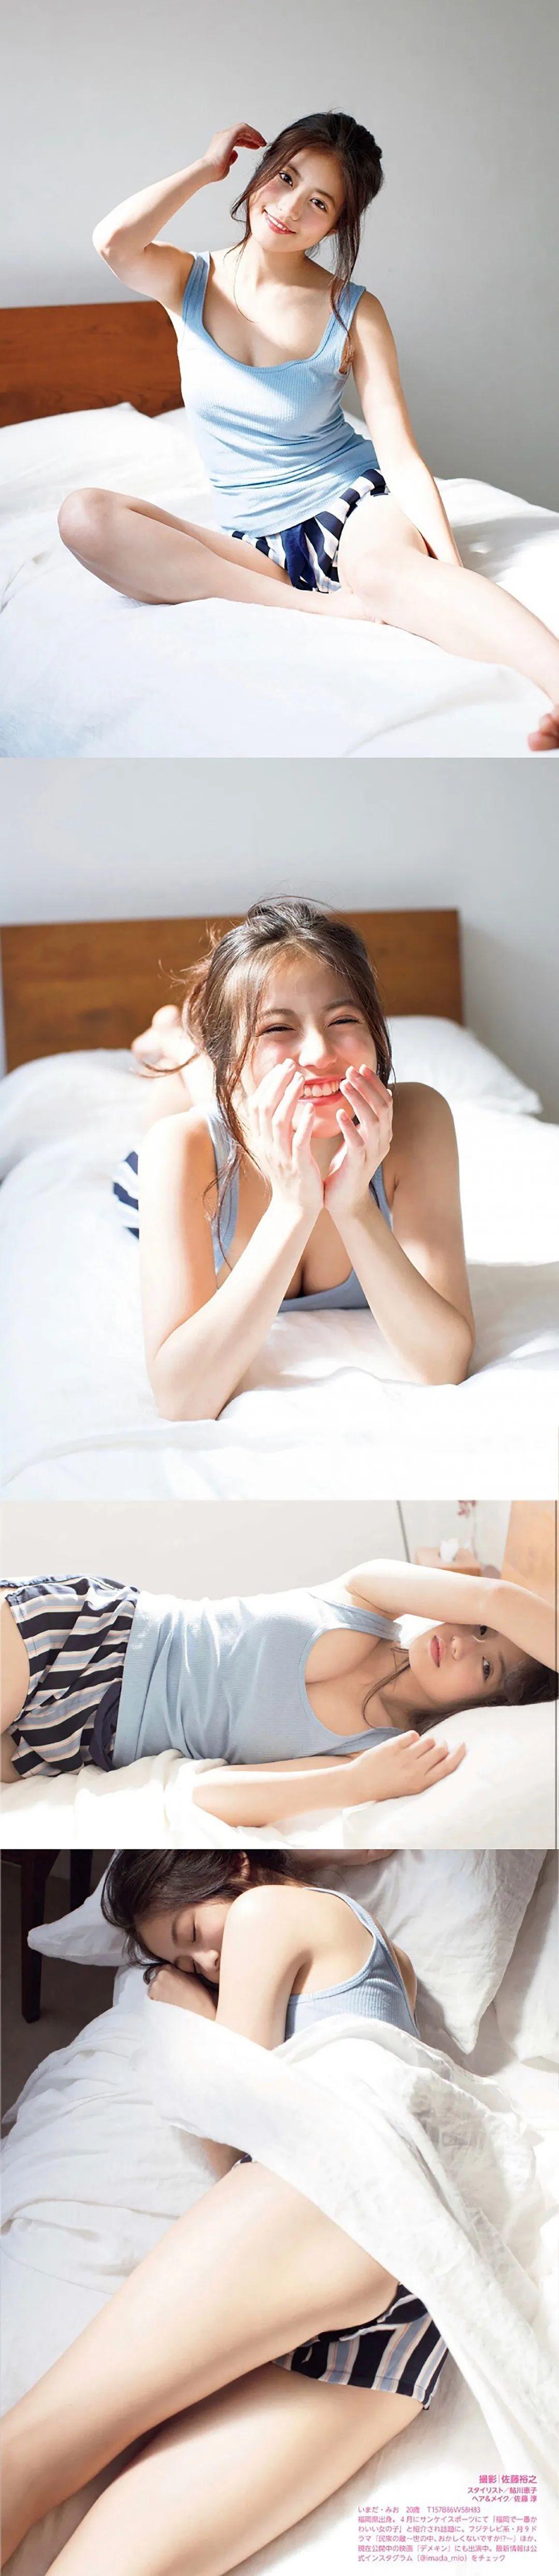 福冈第一美少女 今田美樱 写真_图片 No.2